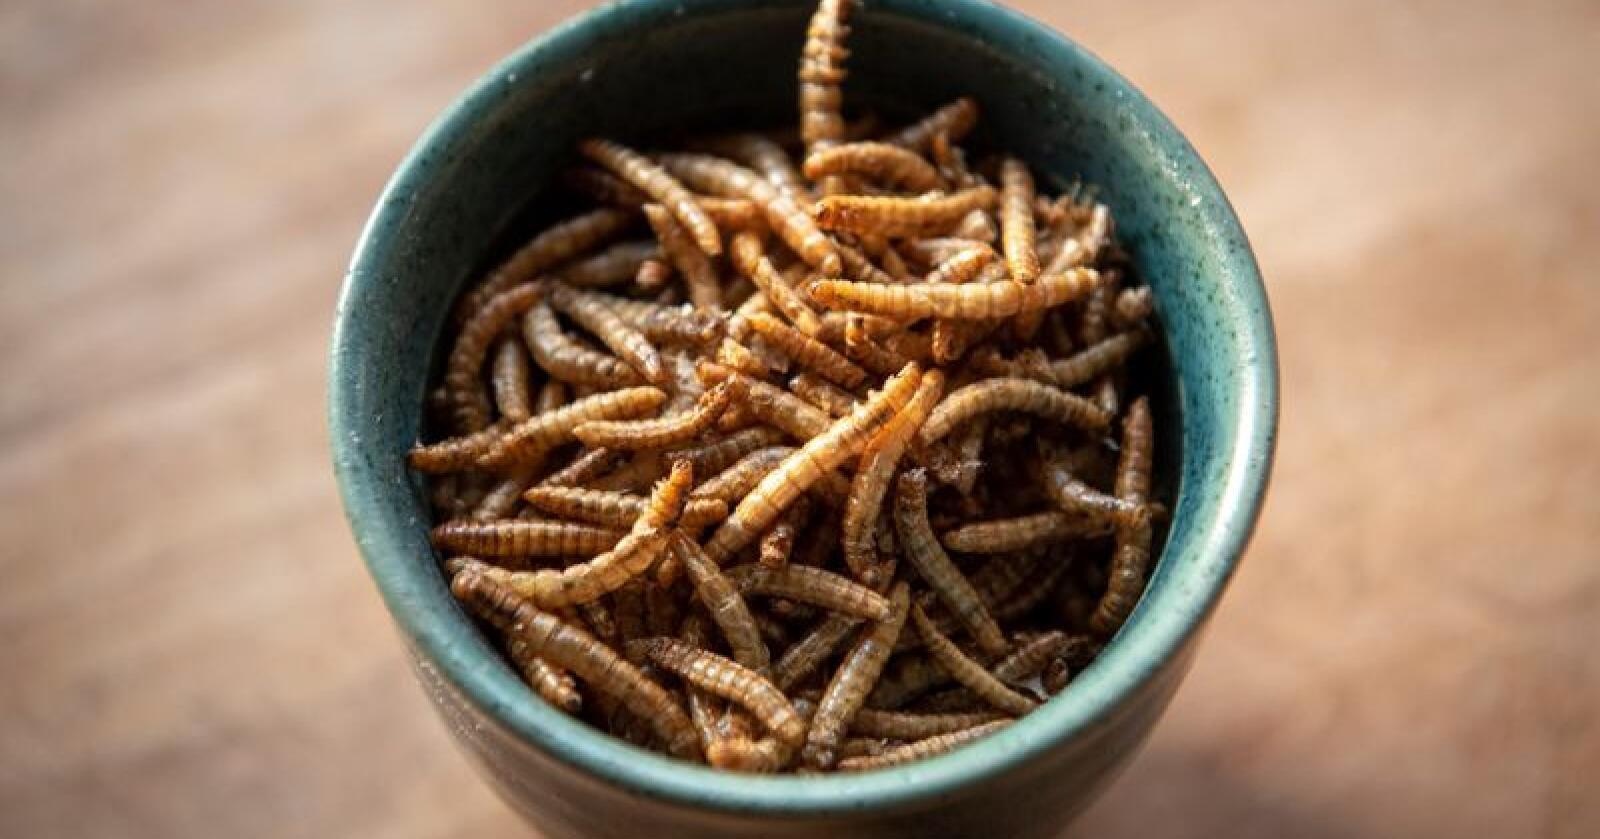 Bærekraftig: Larveriet i Voss driver larveoppdrett til bruk i menneskemat og dyrefôr. Nå vil de selge larveavføringen som gjødsel. Foto: Anette Skutevik.